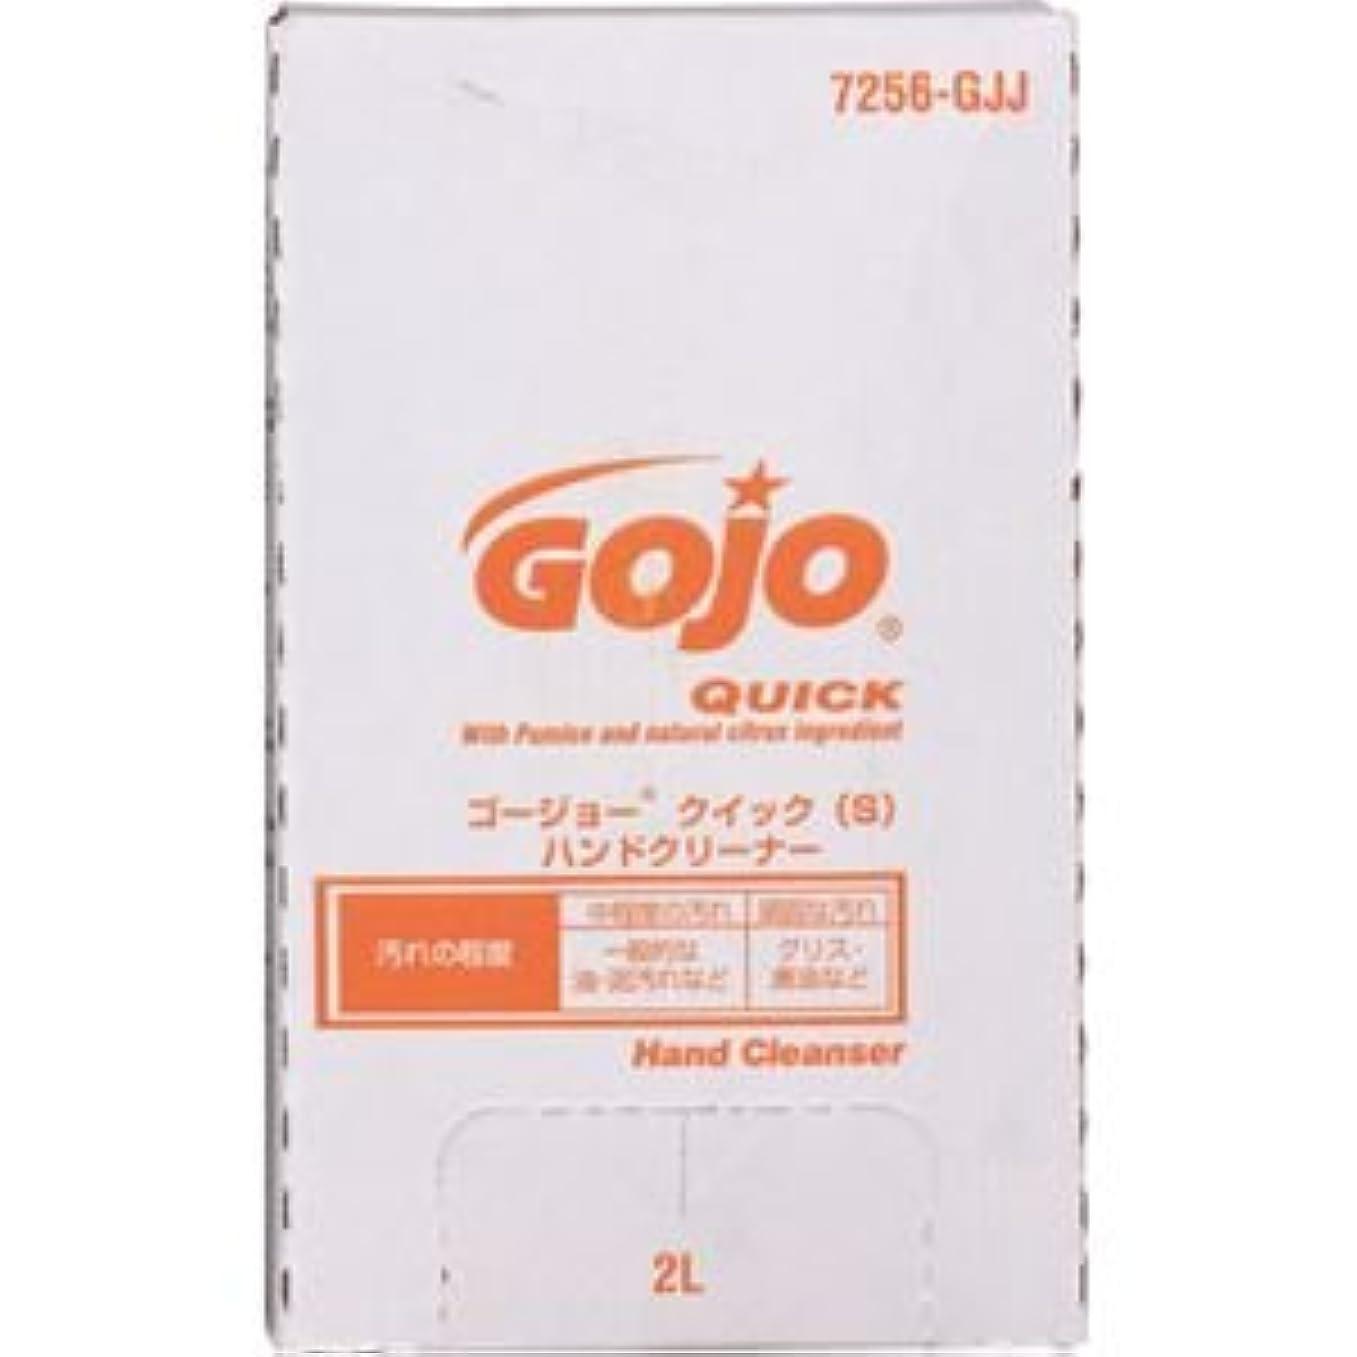 バスタブ器具六(まとめ) ゴージョー クイック(S)ハンドクリーナー ディスペンサー用 2000ml 7256 1個 【×2セット】